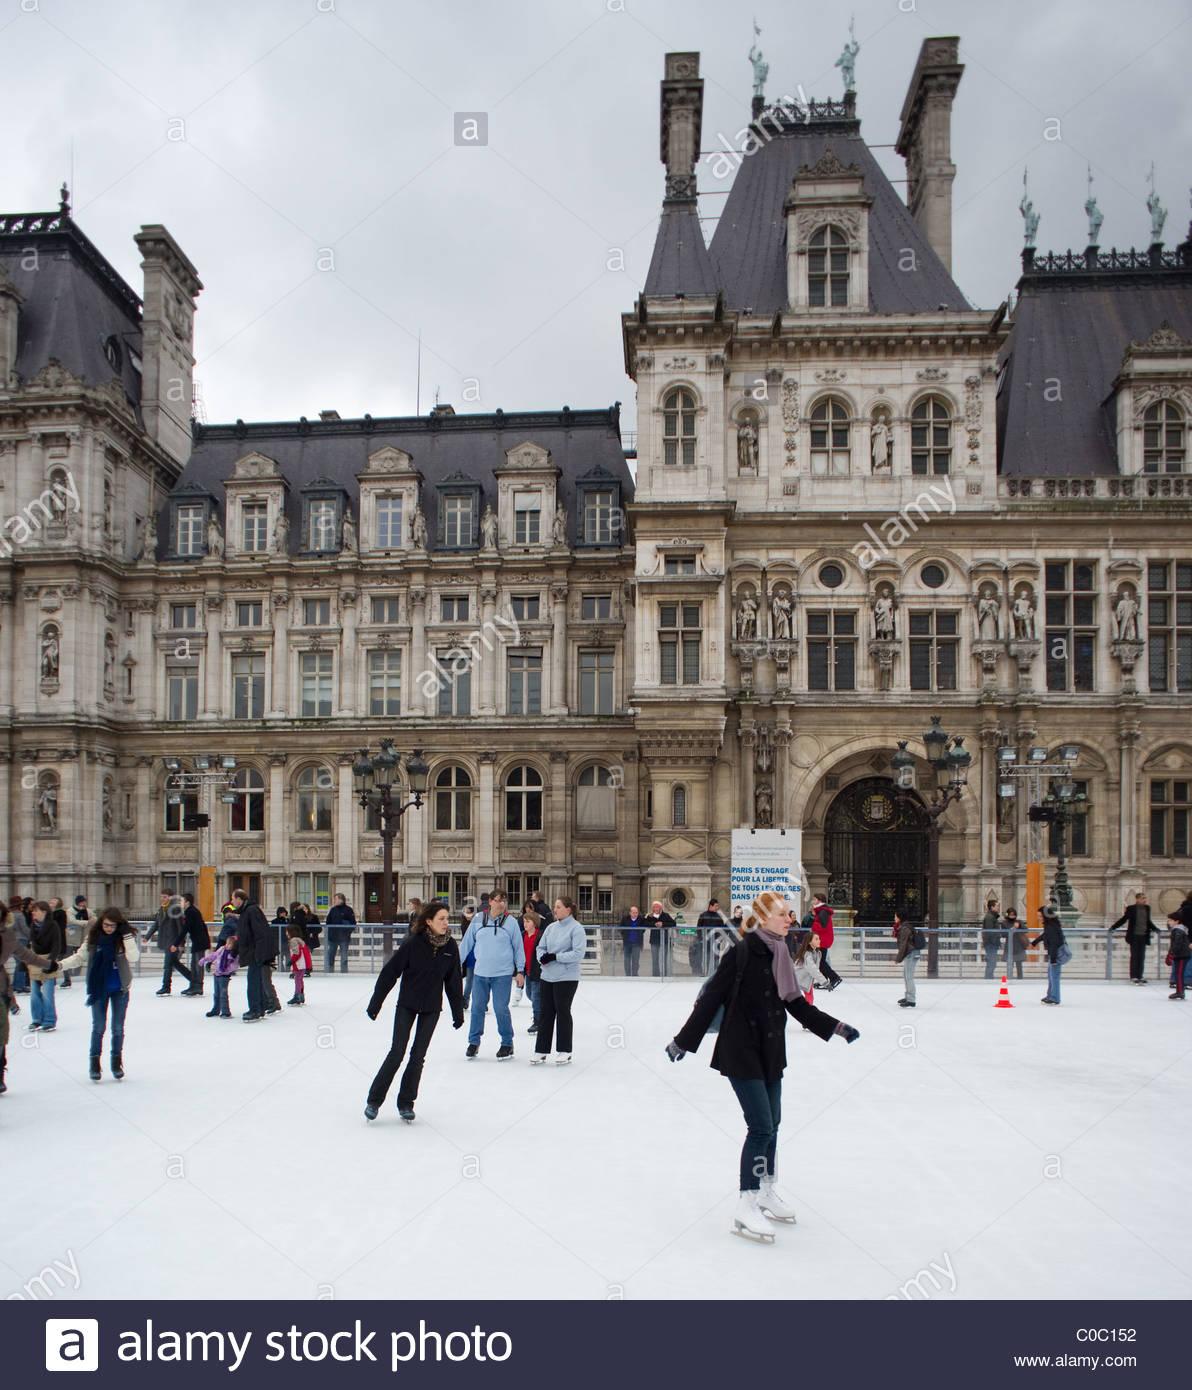 paris france woman ice skating stock photos u0026 paris france woman